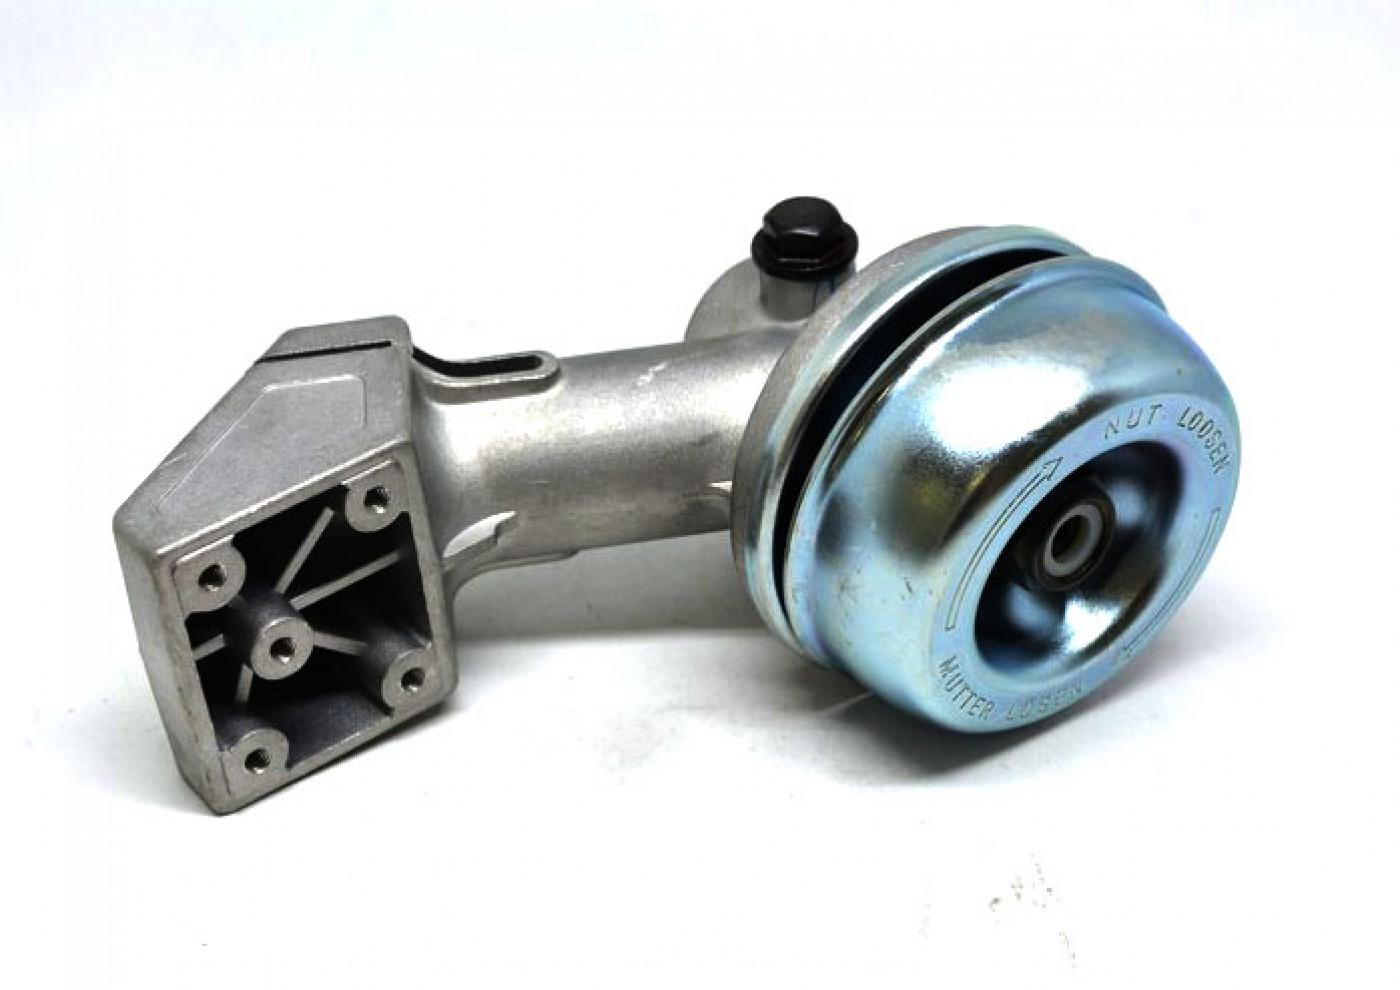 Getriebekopf Für Freischneider Stihl Fs100 Fs120 Fs130 Fs250